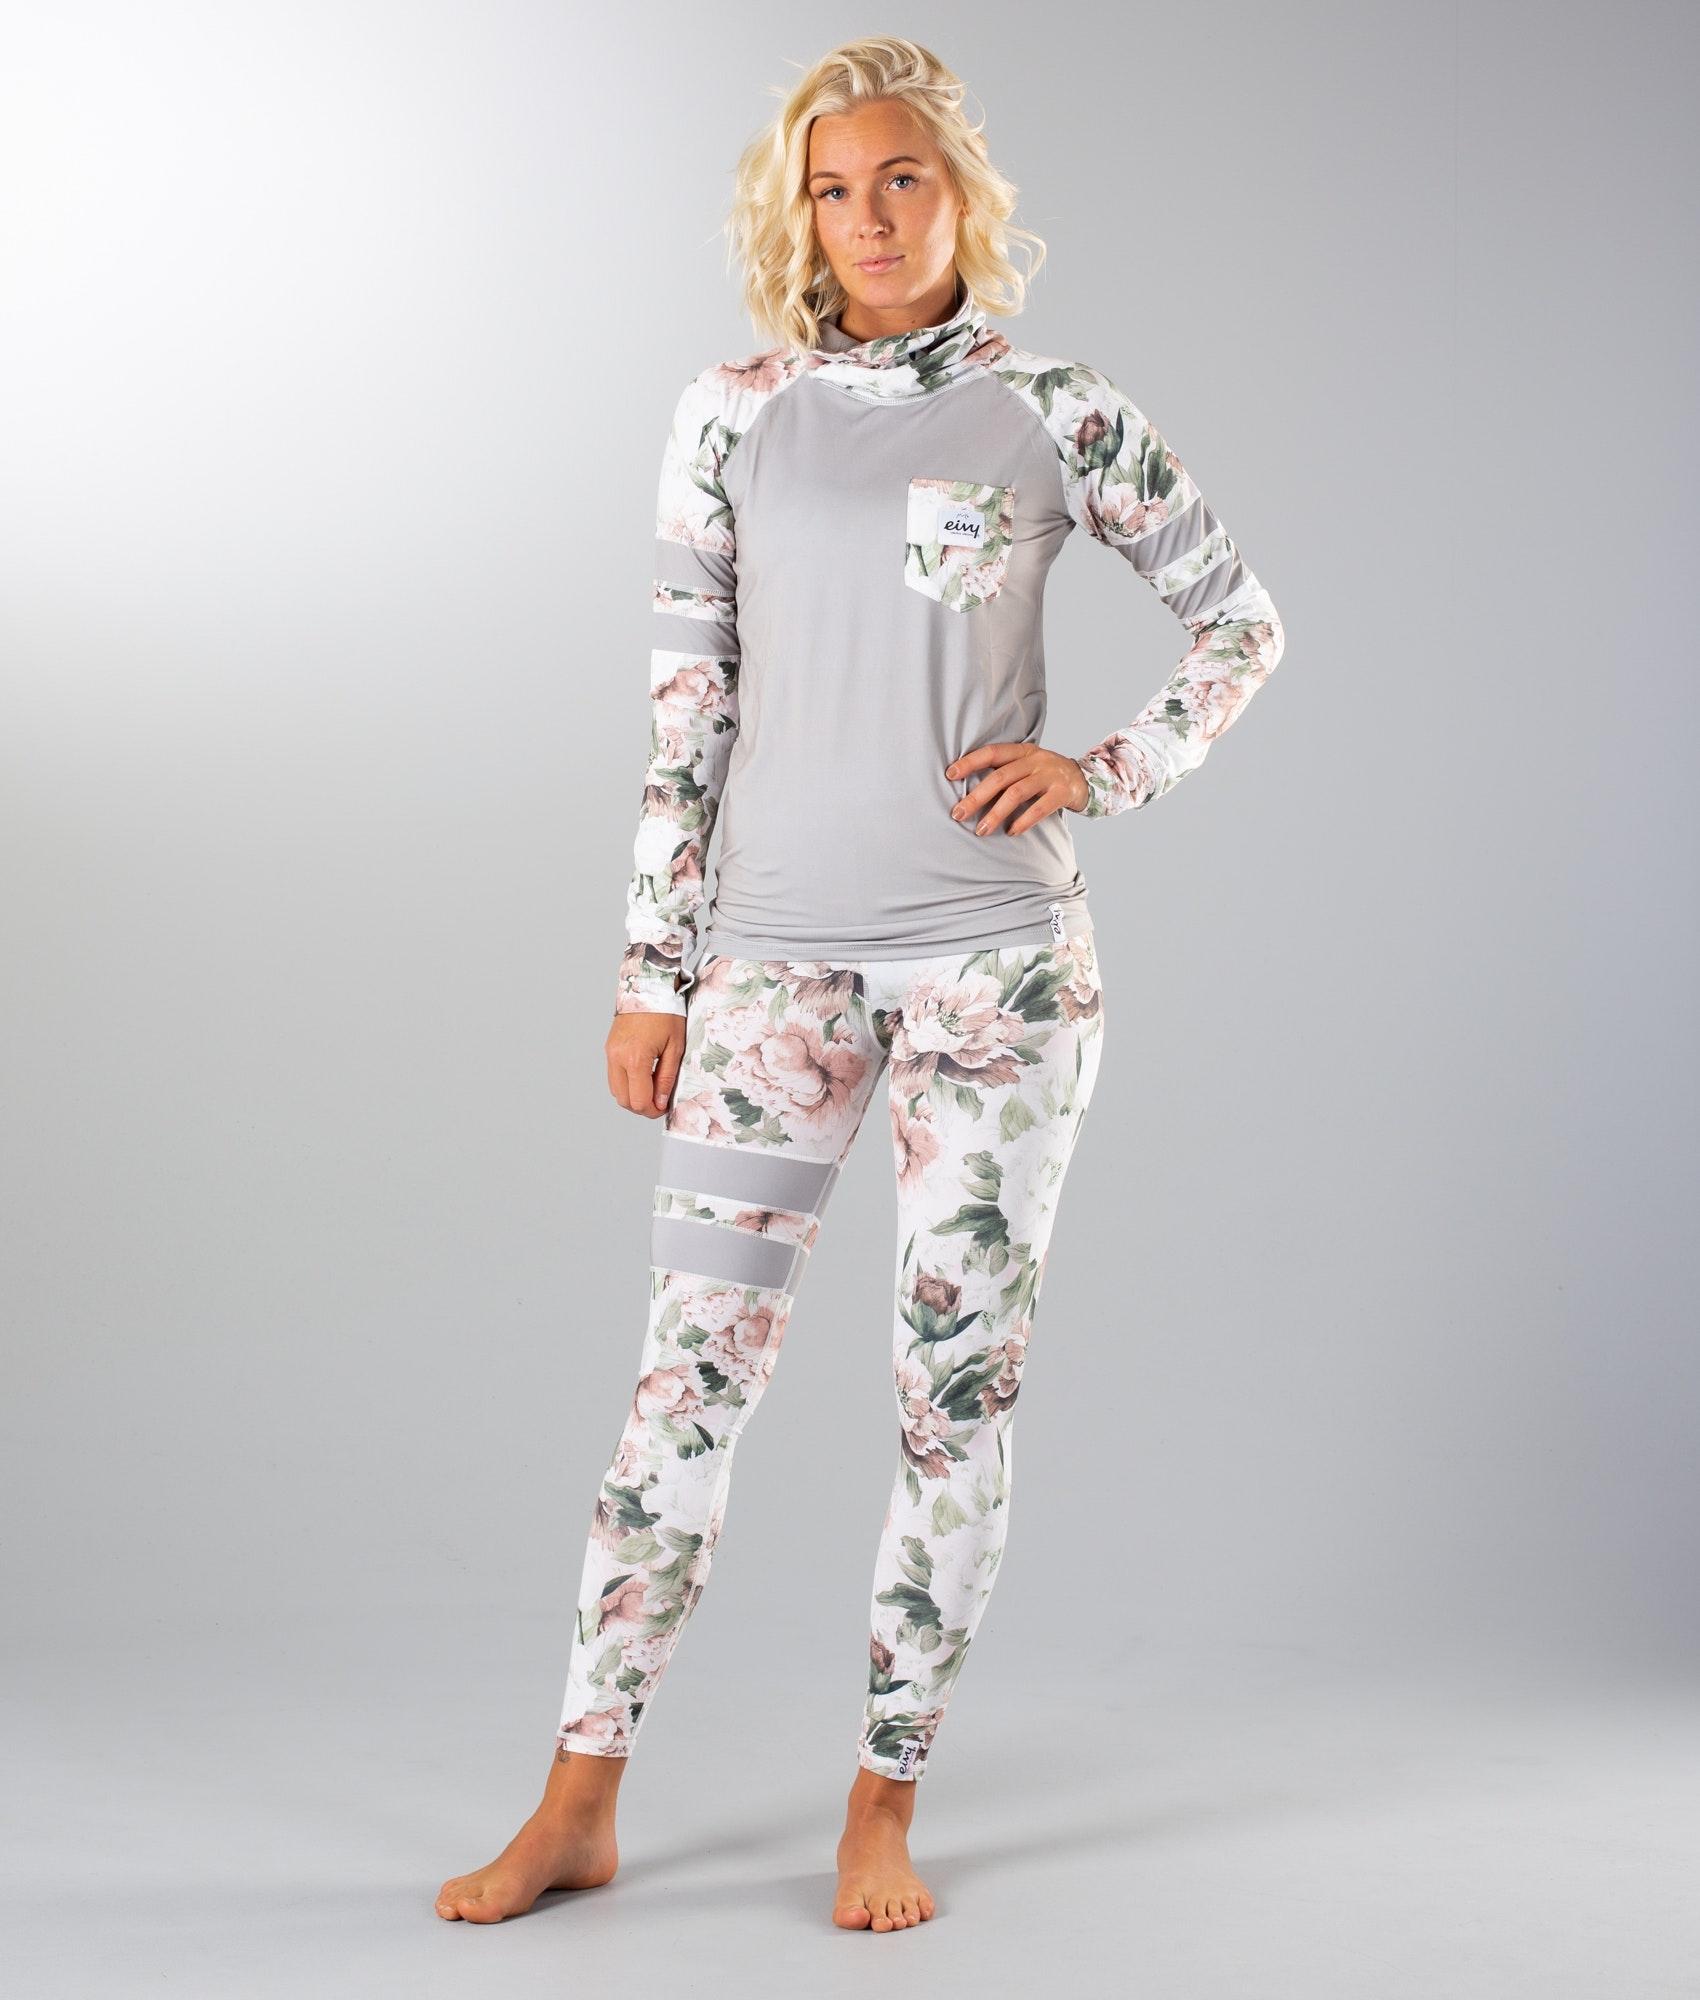 Eivy Womens Icecold Adjustable Top Damen Warme Ski-Thermo Funktionsunterw/äsche Langarm Mit Anpassbarem Fleecekragen Functional Underwear